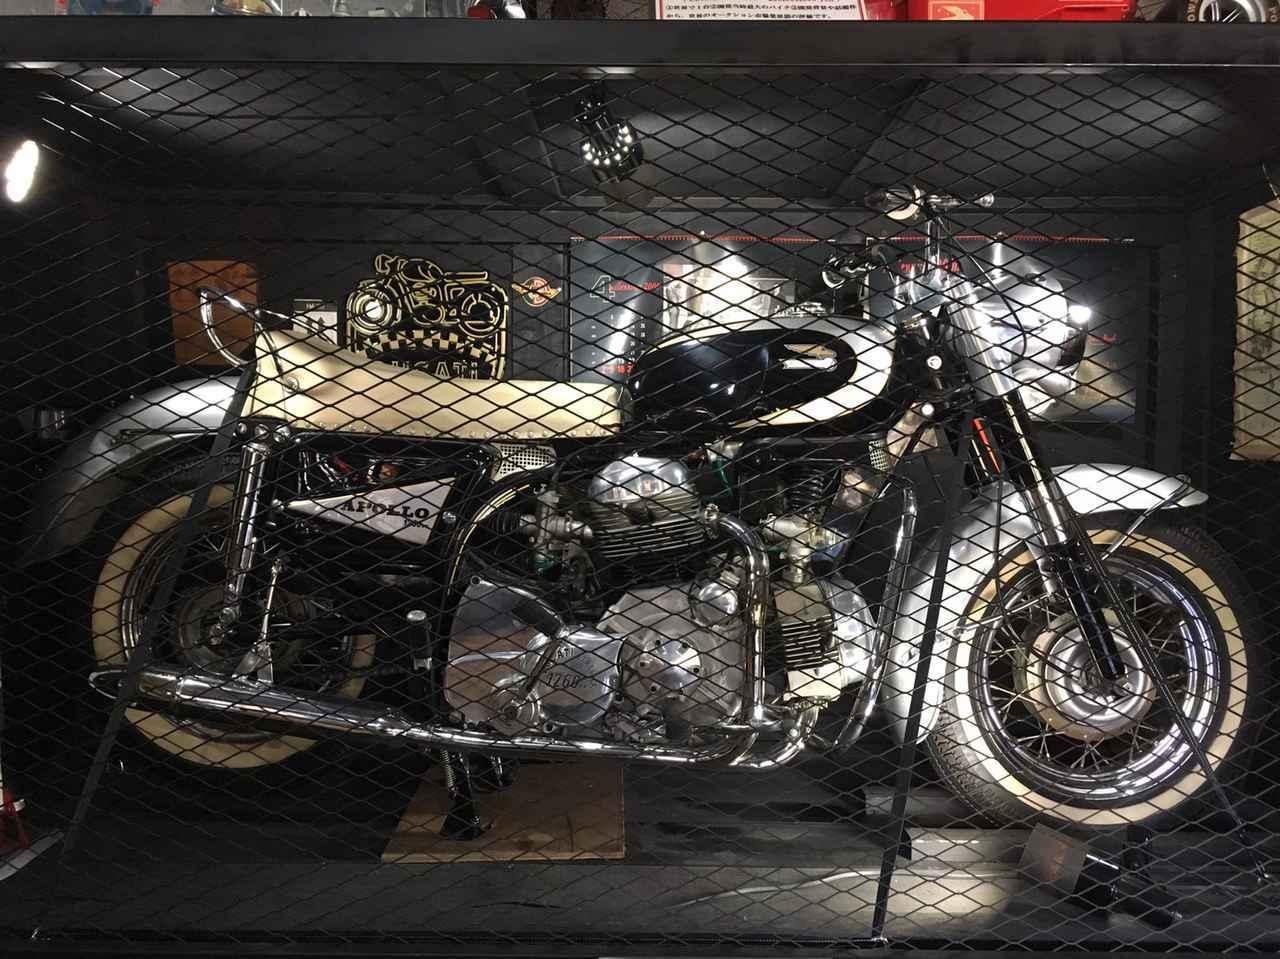 画像1: 世界中でここだけに現存している、 Ducati L型4気筒1260cc「アポロ」